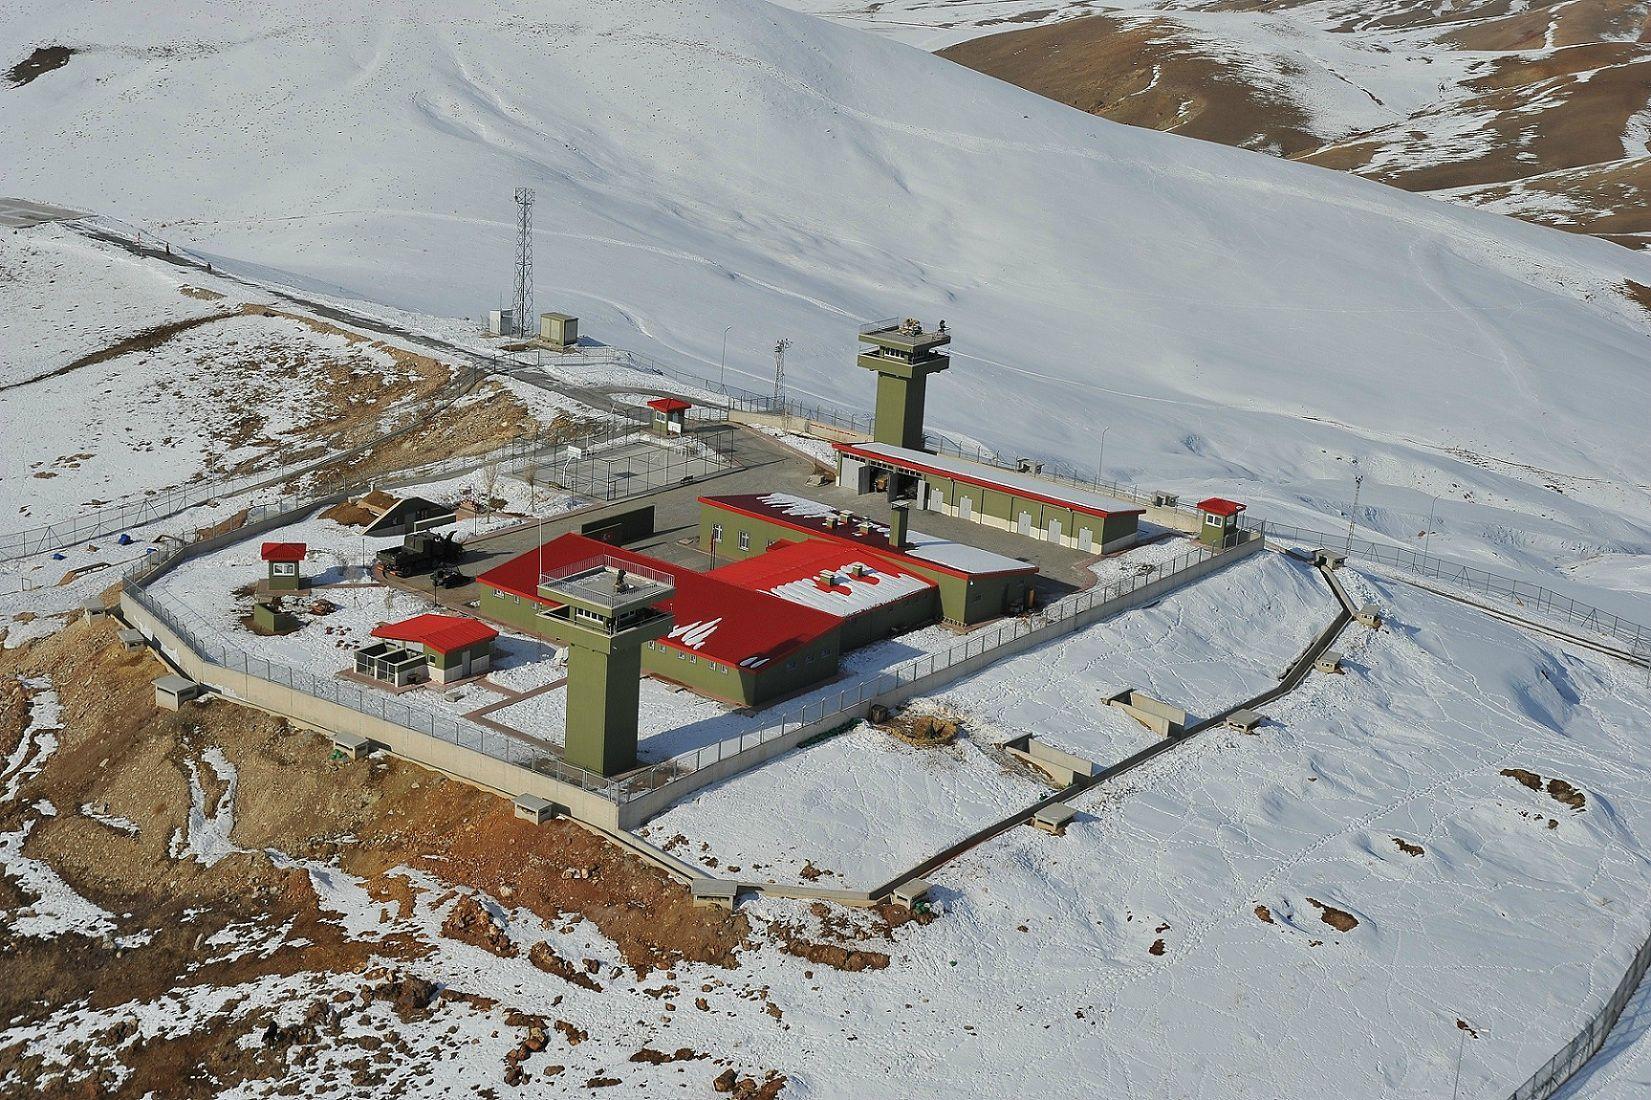 Γενική απόψη φυλακίου νέου τύπου.φυλακίων υψηλής ασφάλειας (Yüksek Güvenlikli Karakollar)Είναι εμφανή τα έργα οχύρωσης(θέσεις μάχης, όρυγμα συγκοινωνίας, υπόγειοι διόδοι) όπως και τα μέσα επιτήρησης (ραντάρ εδάφους και ηλεκτροοπτικοί αισθητήρες) στους υπερυψωμένους πύργους